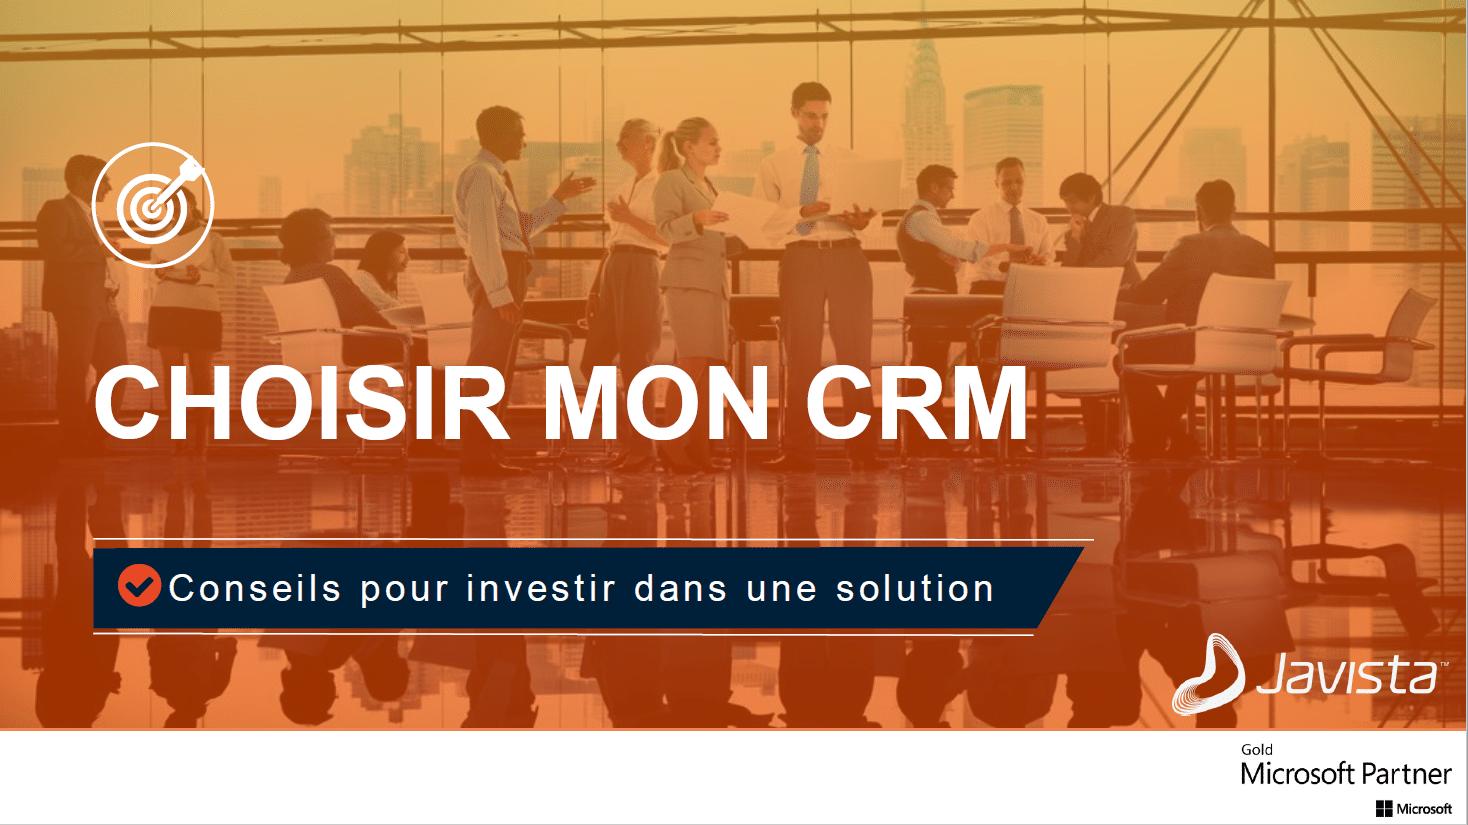 Choisir mon CRM - Guide